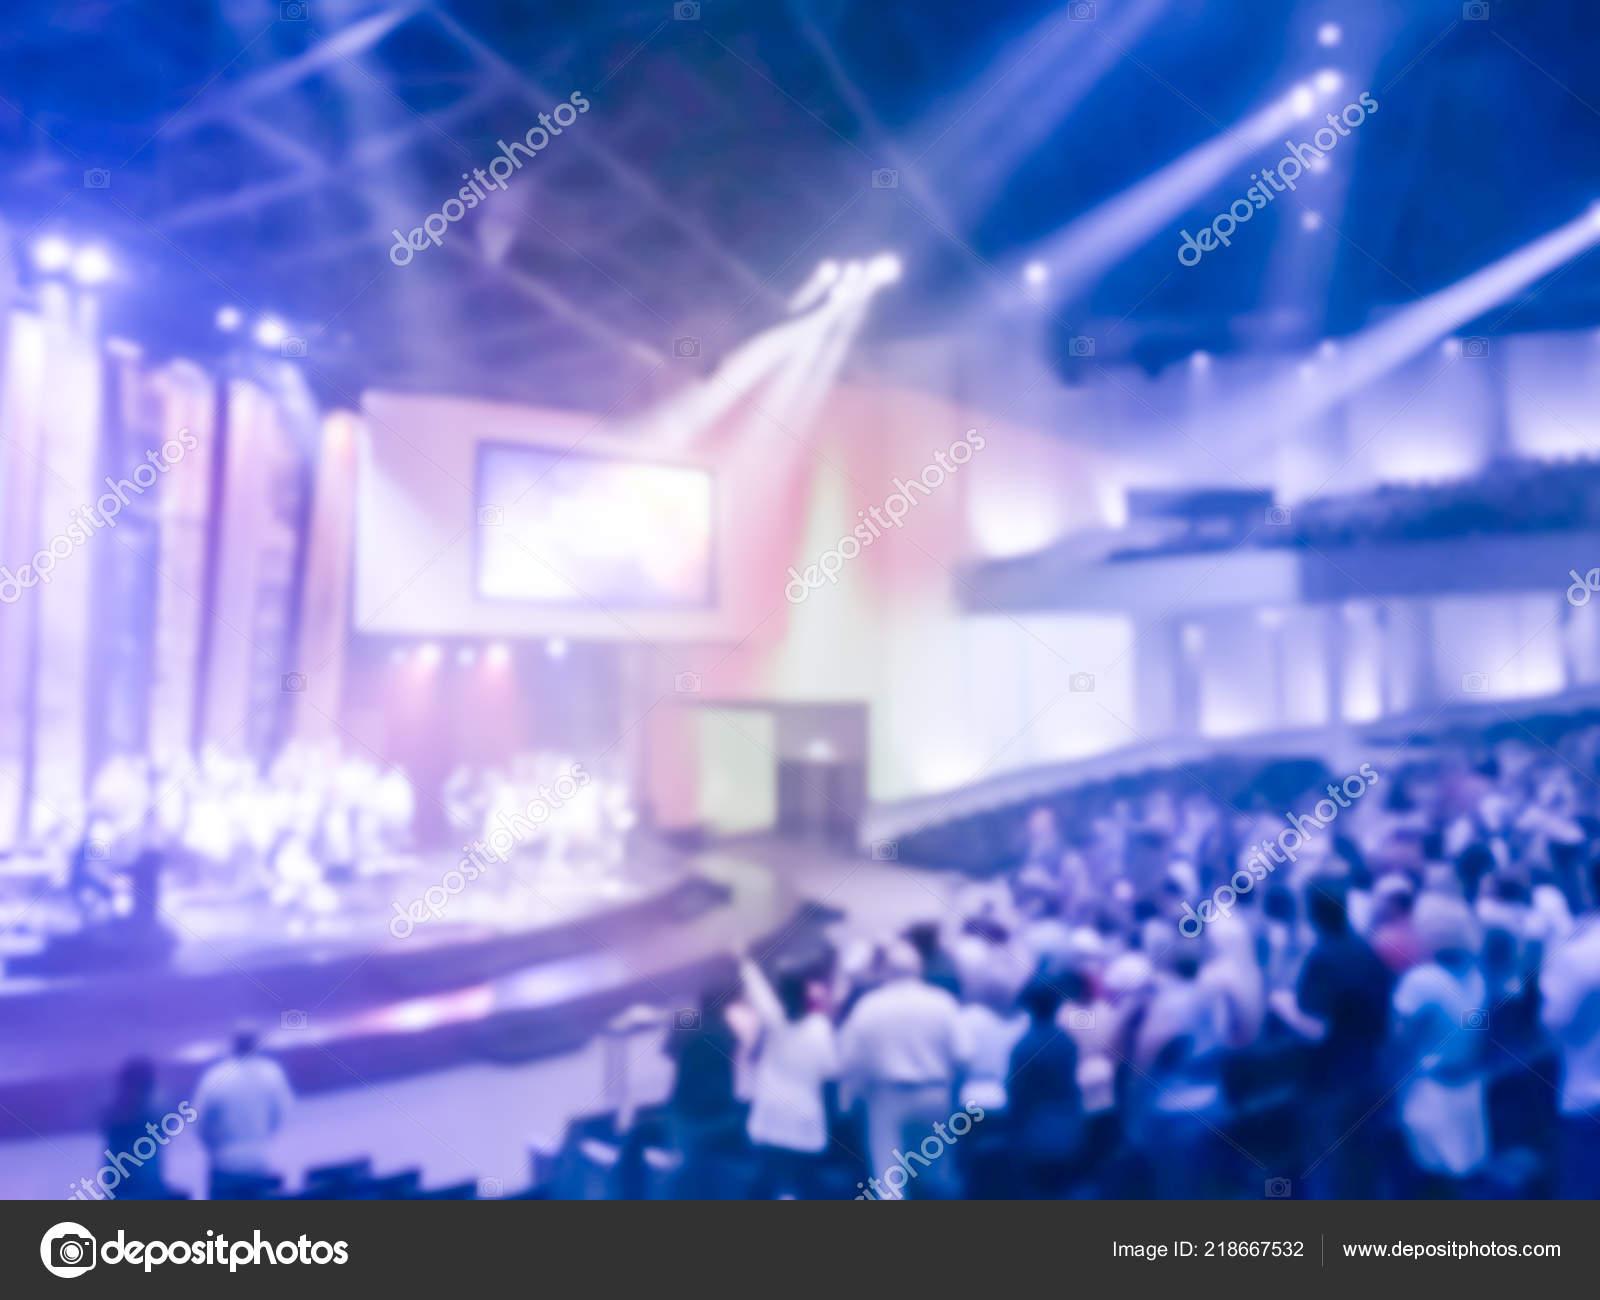 Alabanzas Cristianas De Adoracion resumen borrosa cristianos levantando sus manos alabanza